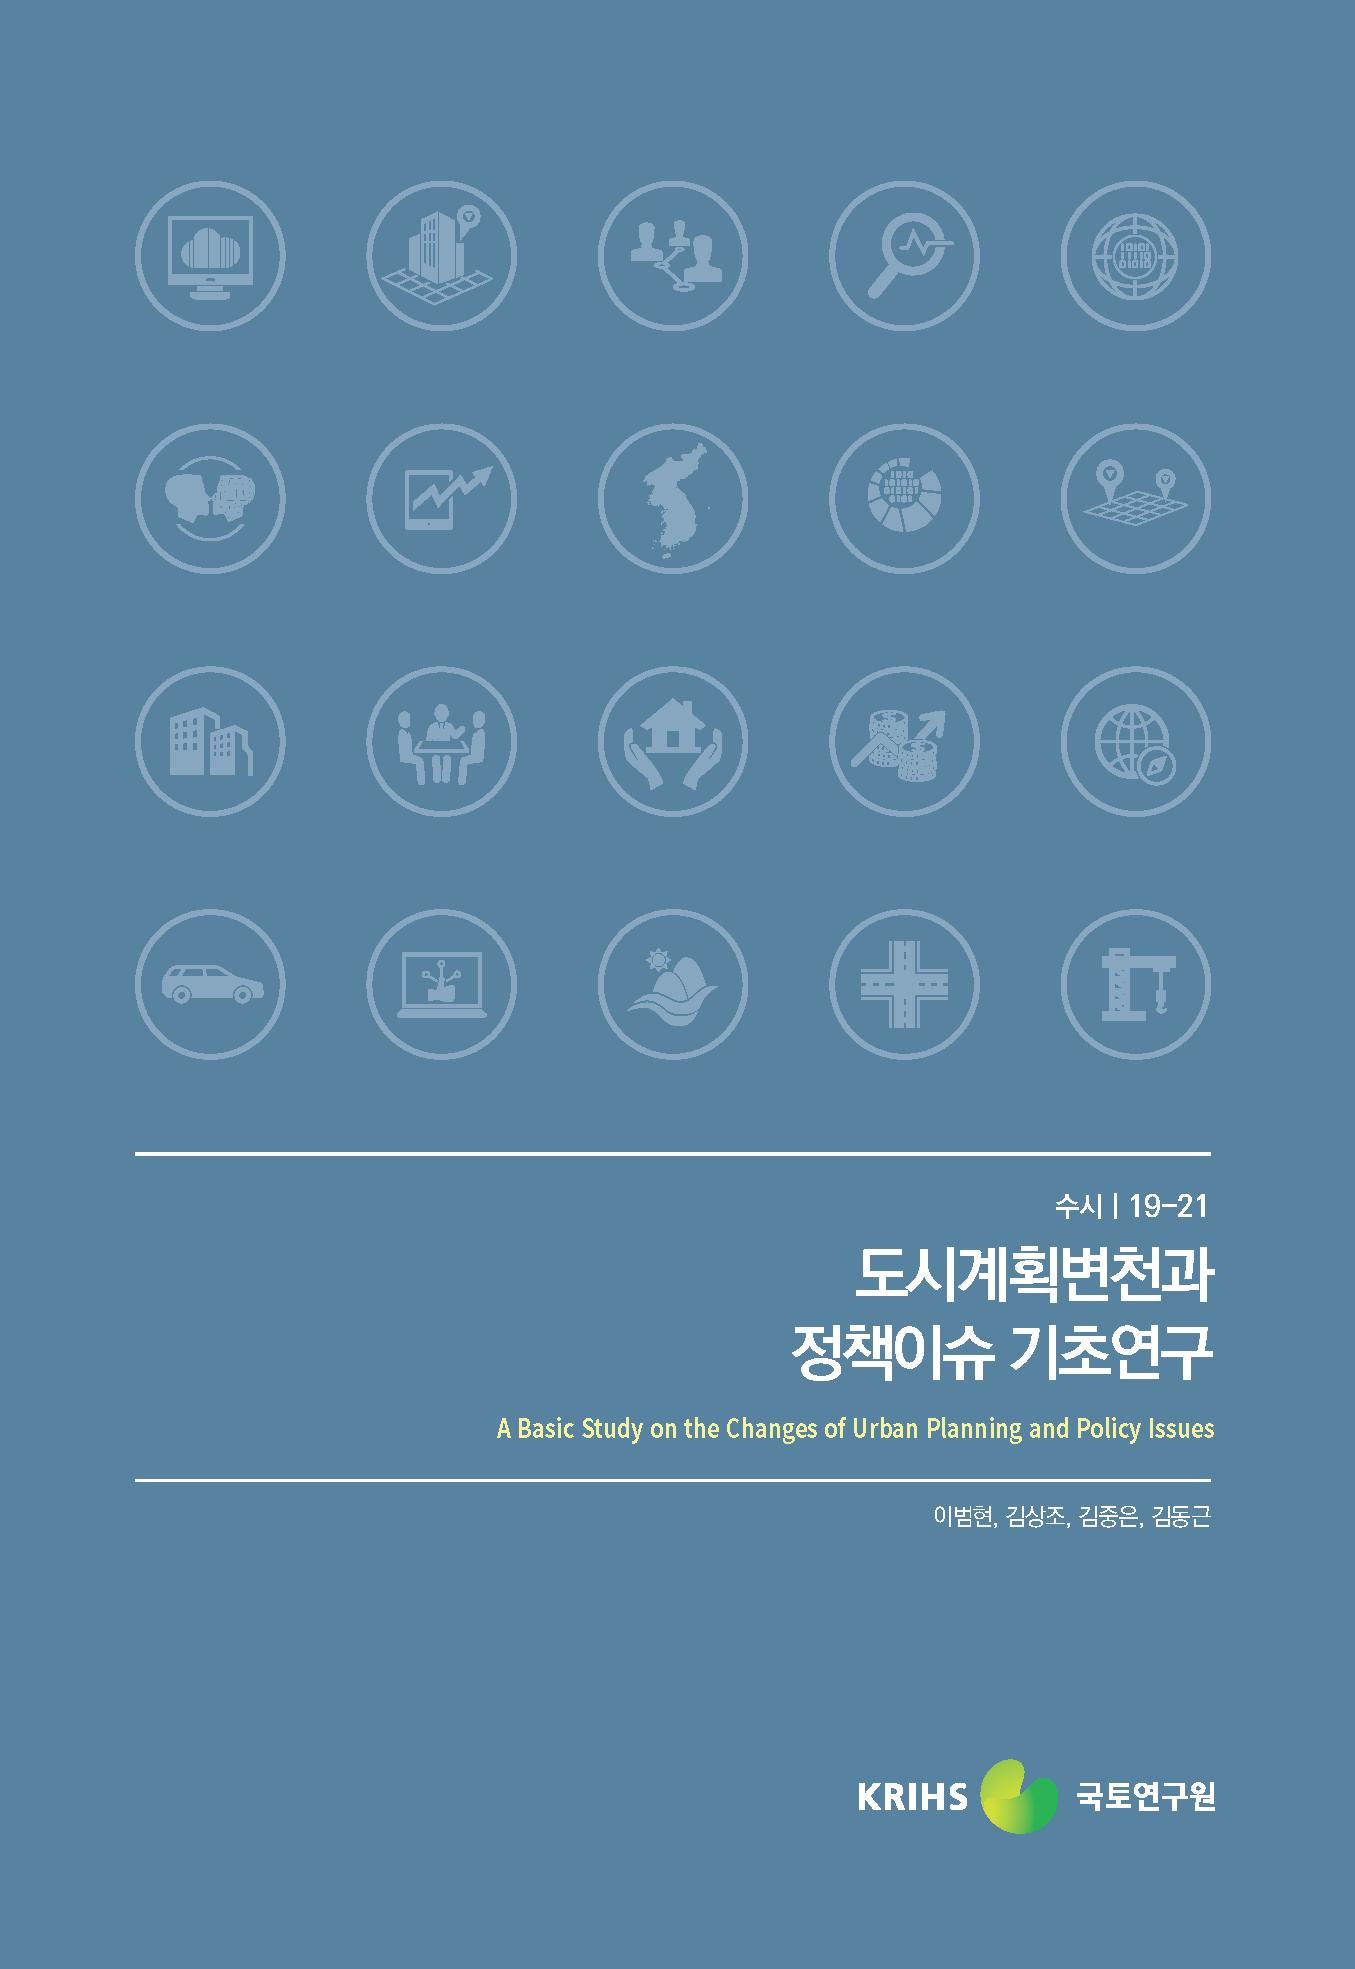 도시계획변천과 정책이슈 기초연구